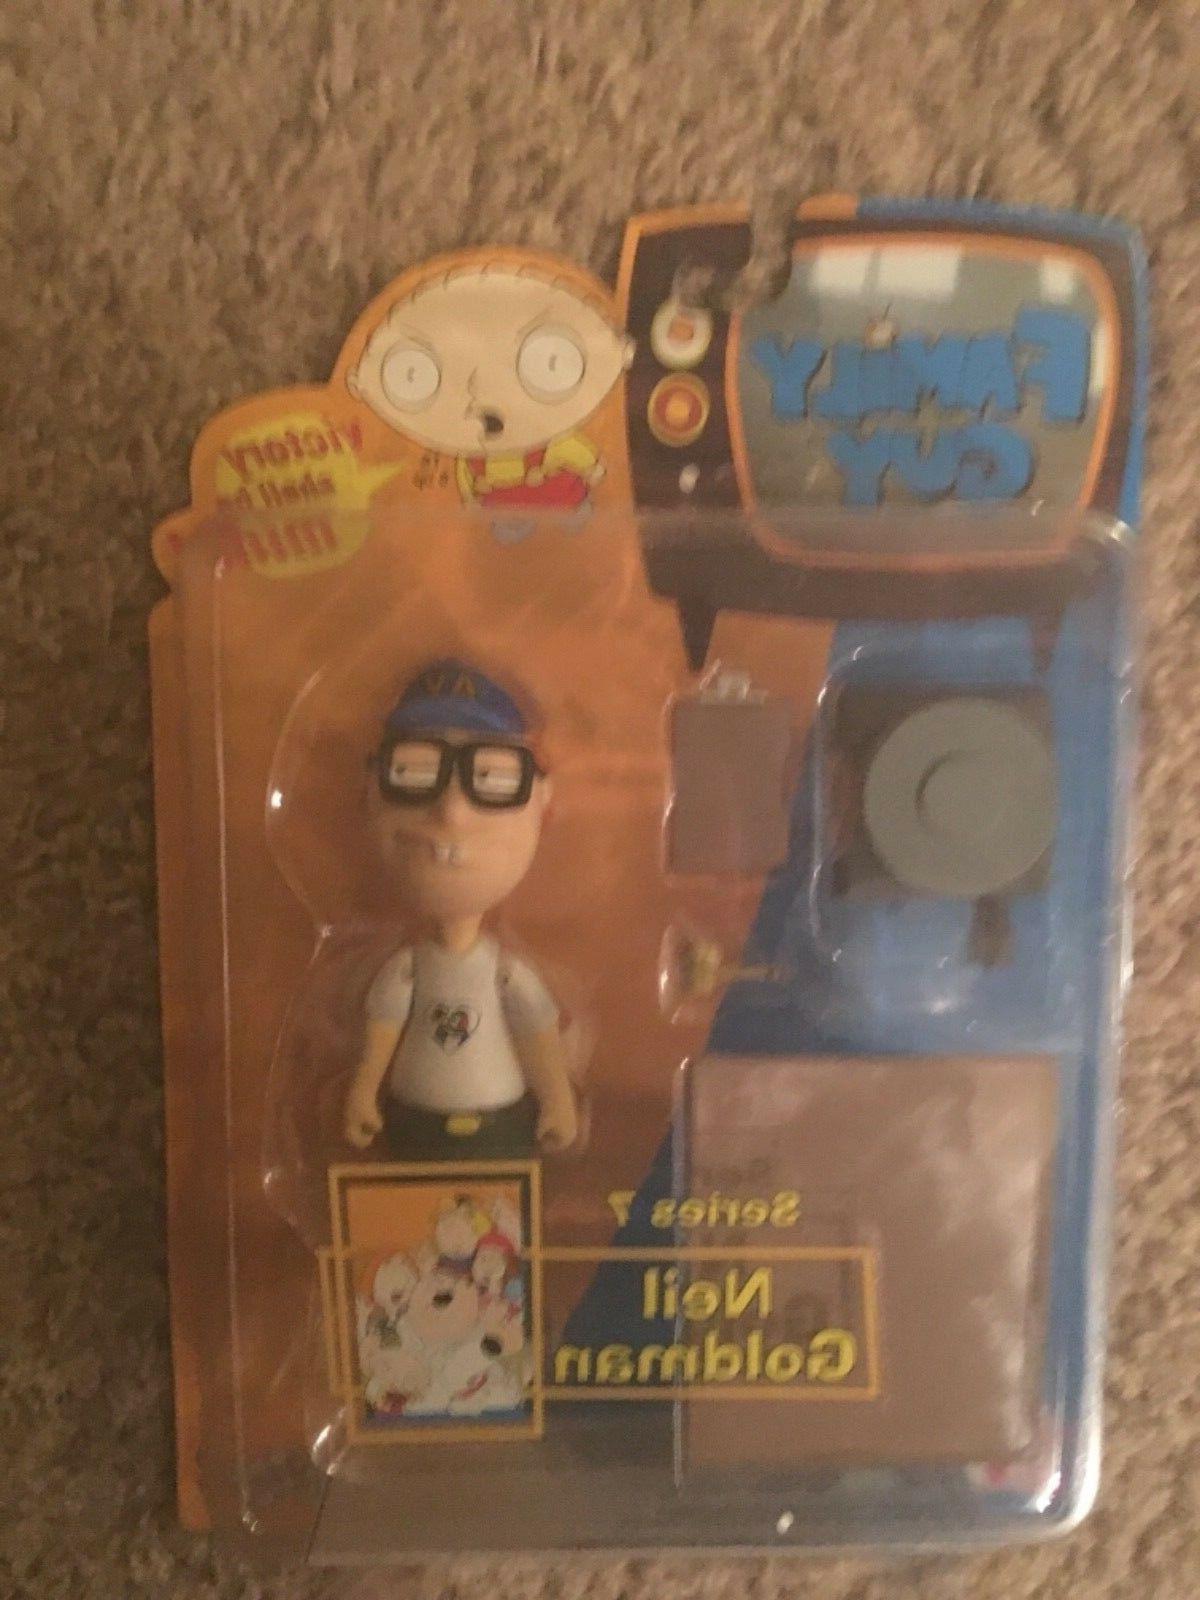 Family Guy Mezco Figures